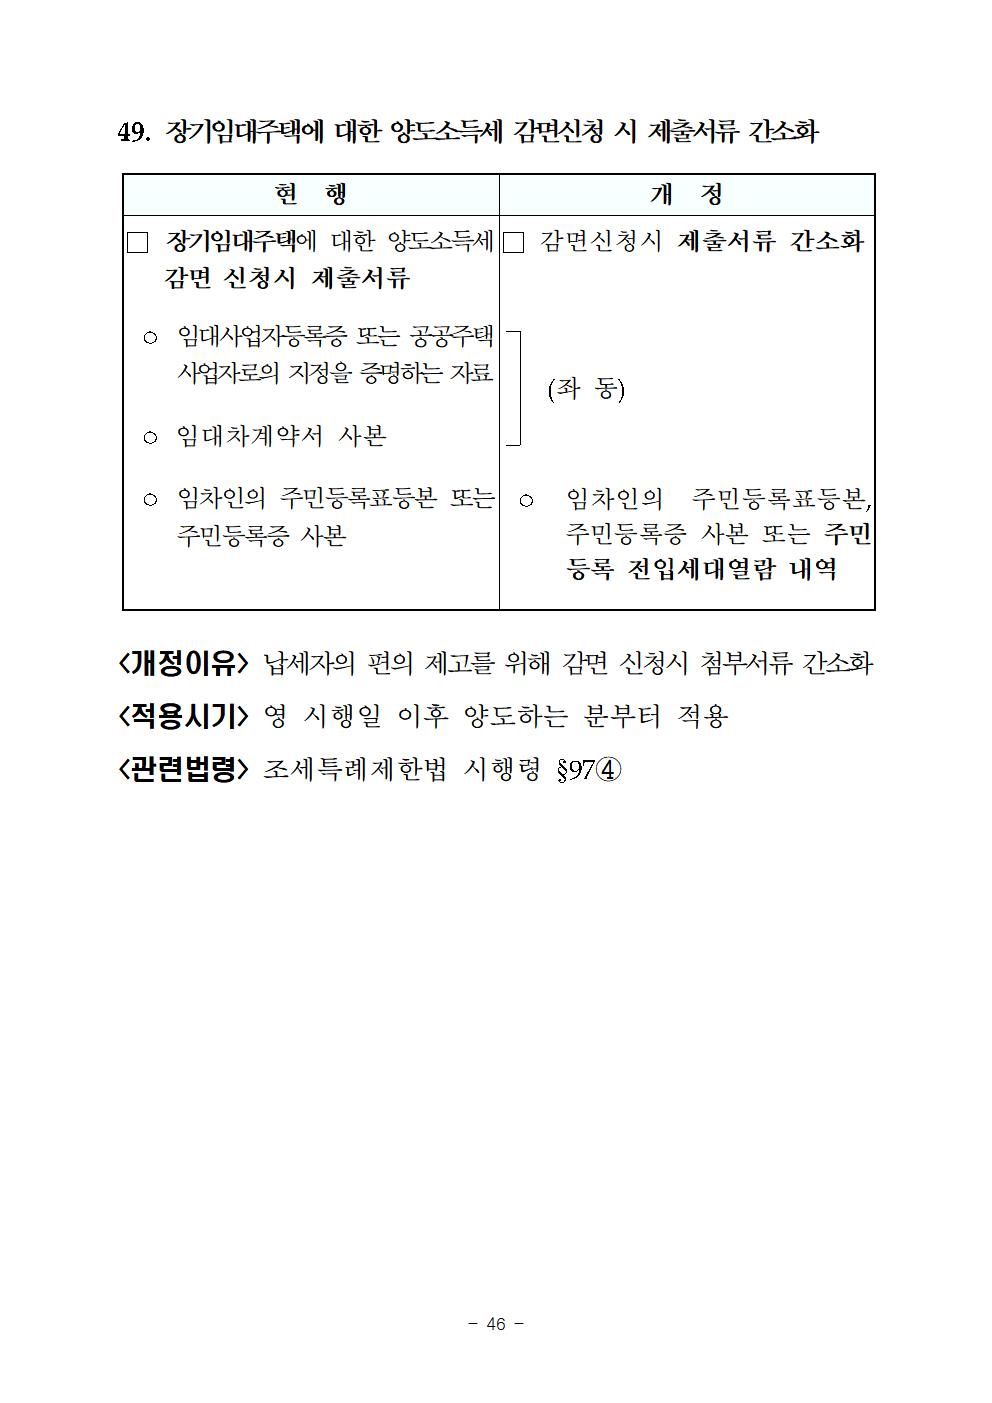 2019년세법개정내용(양도소득세분야)051.png